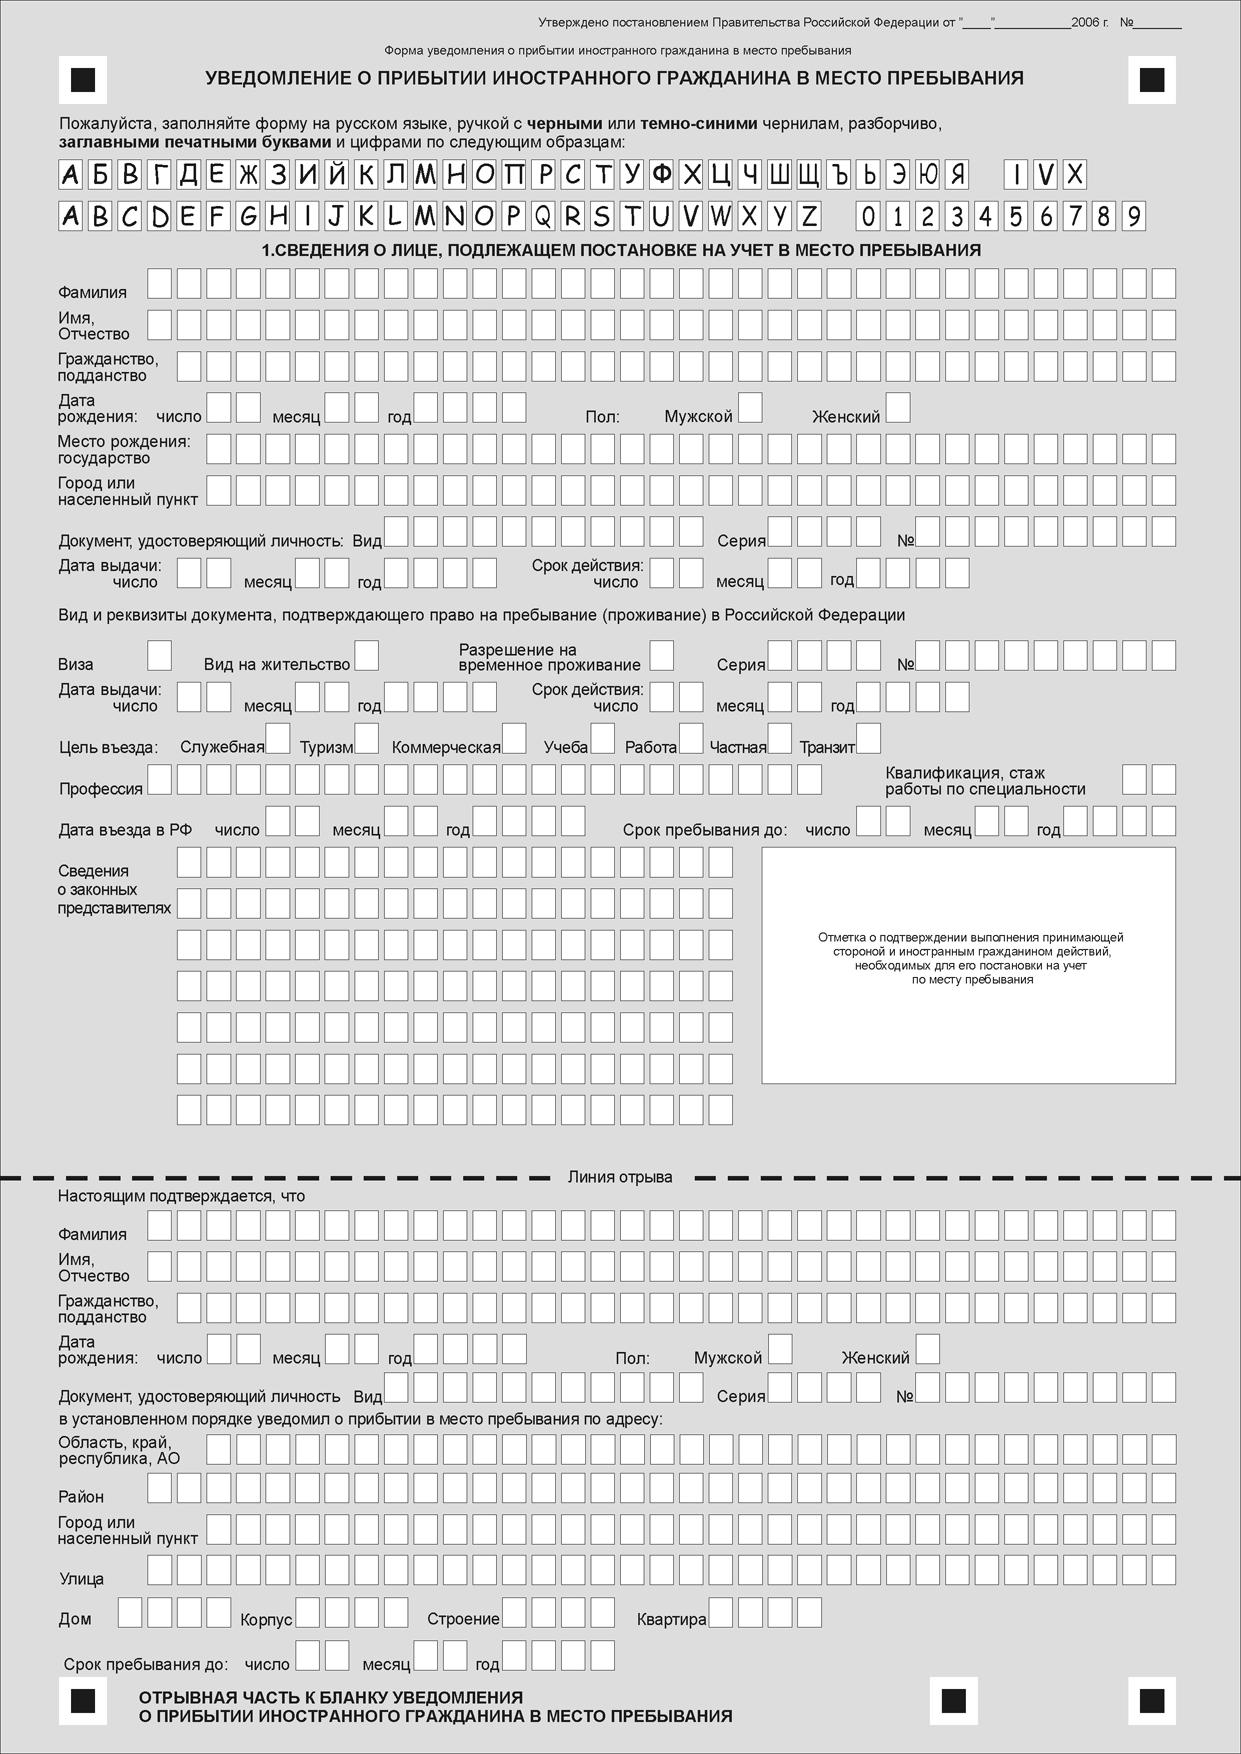 Заполнение бланка о регистрации иностранного гражданина по месту форма журнала регистрации заявлений обращений граждан